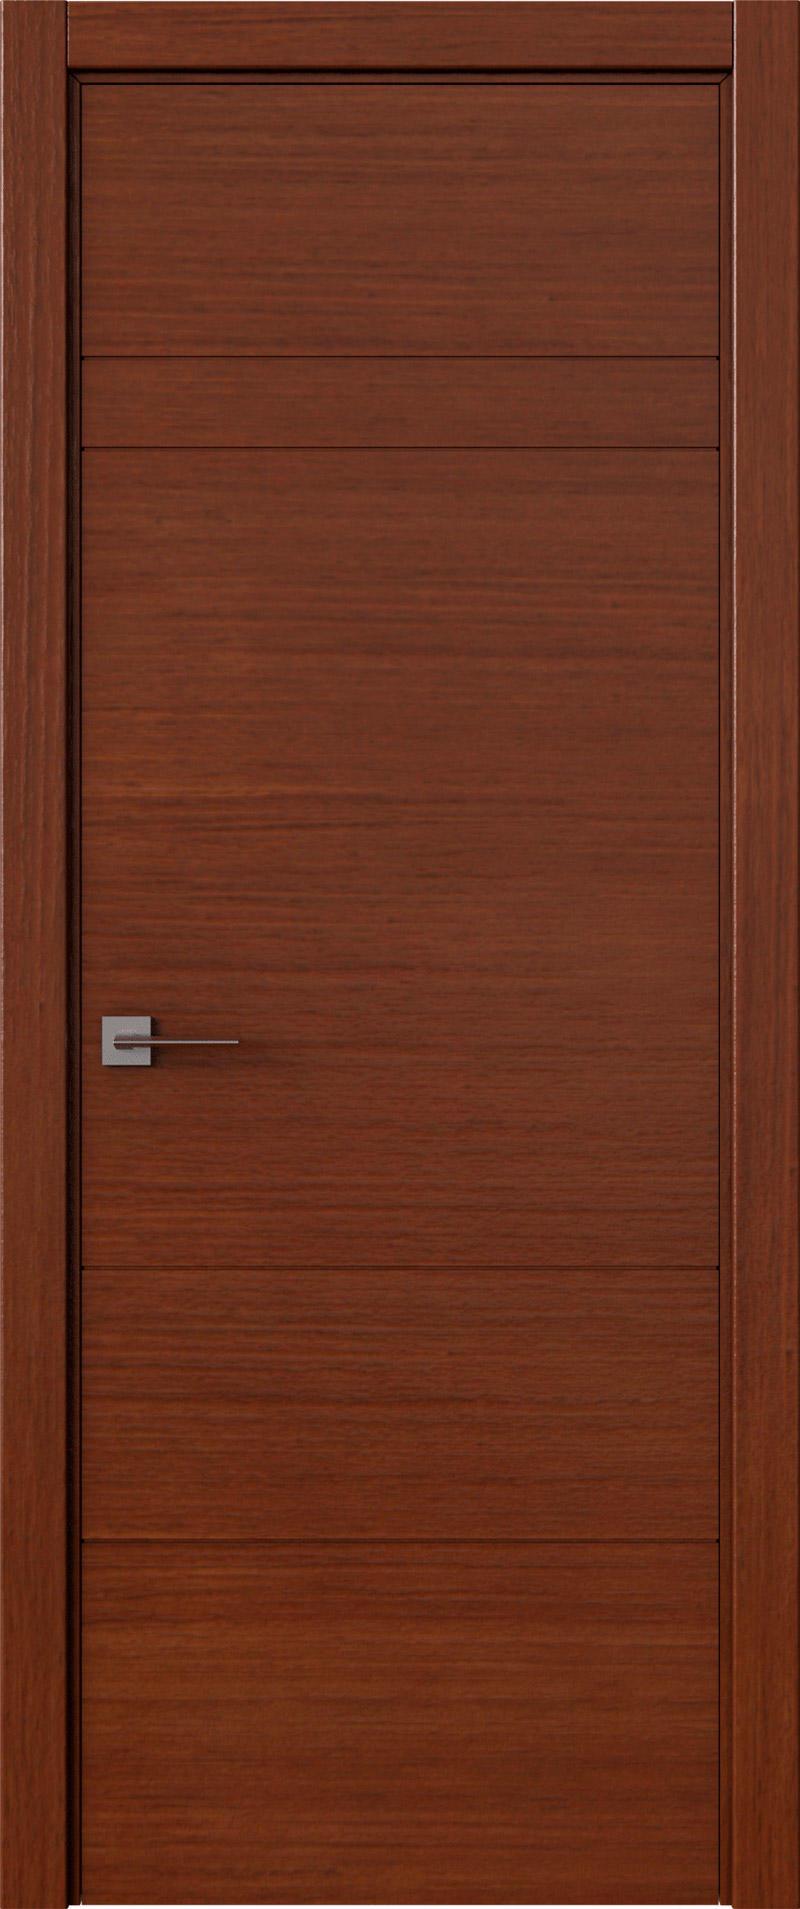 Tivoli К-2 цвет - Темный орех Без стекла (ДГ)